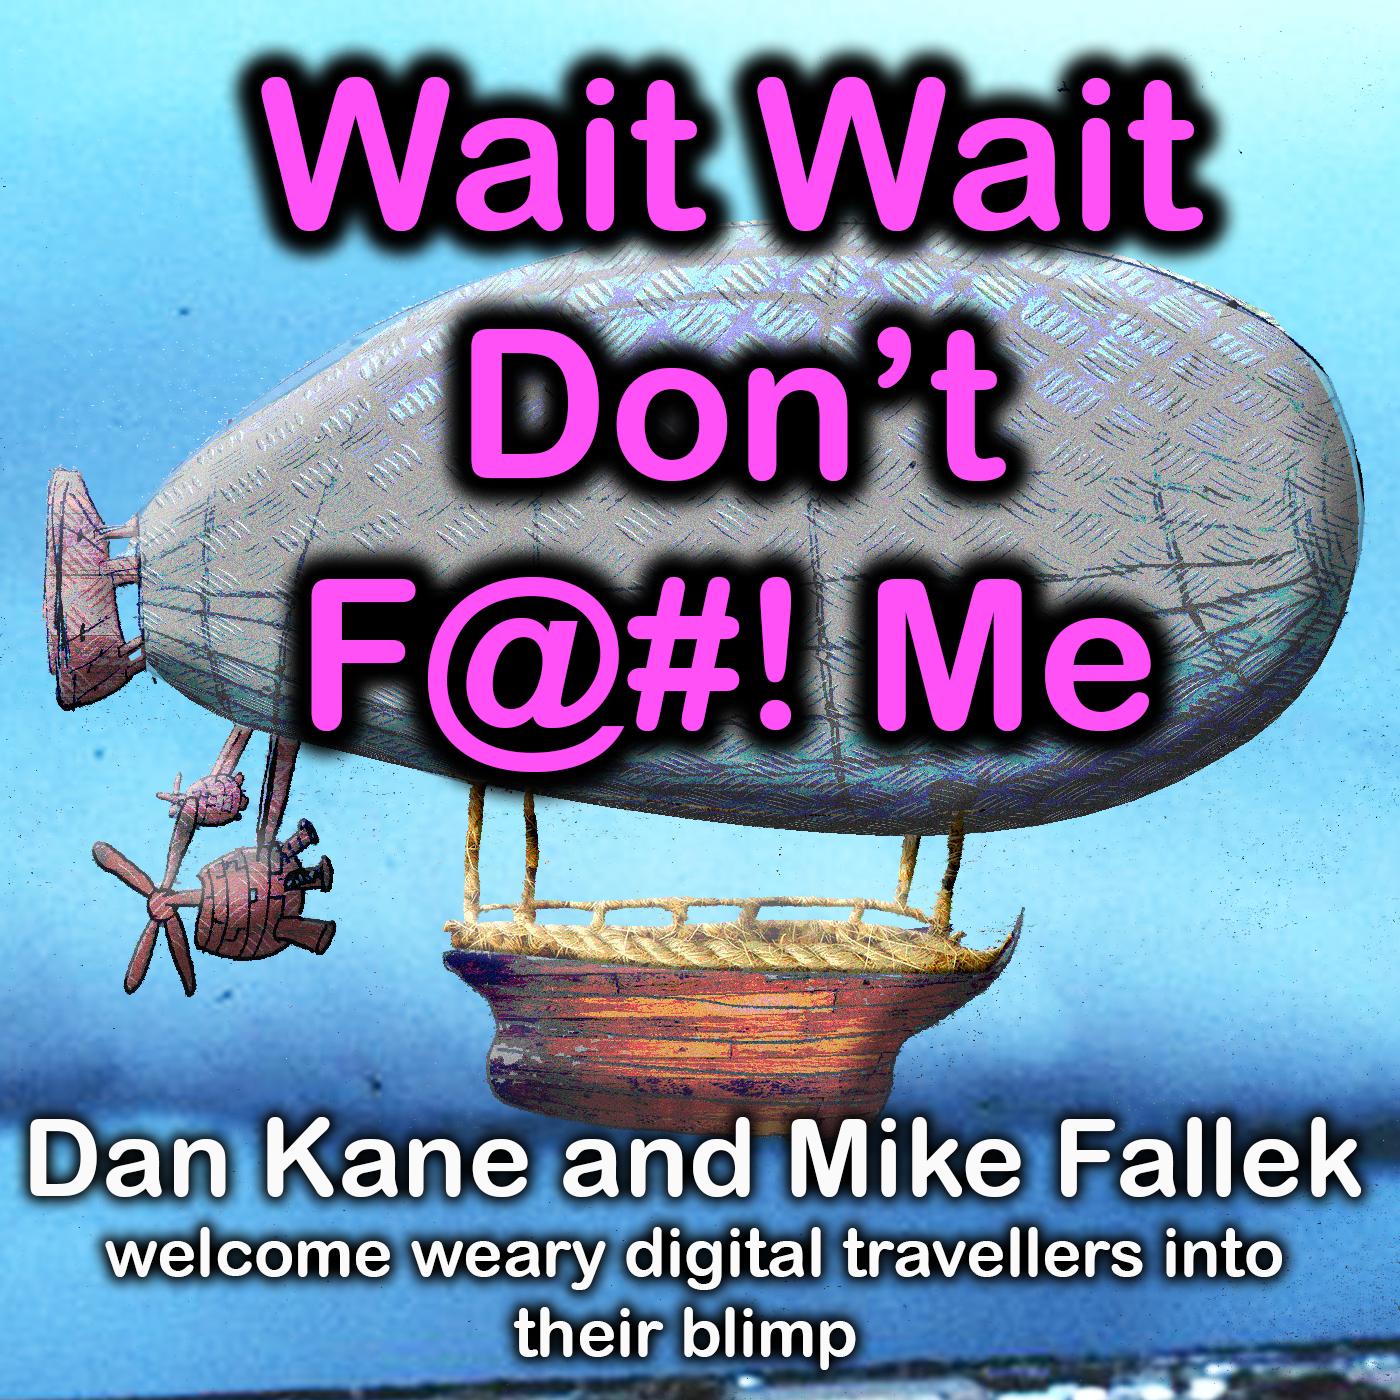 WWDFM: Wait Wait Don't F@#! Me